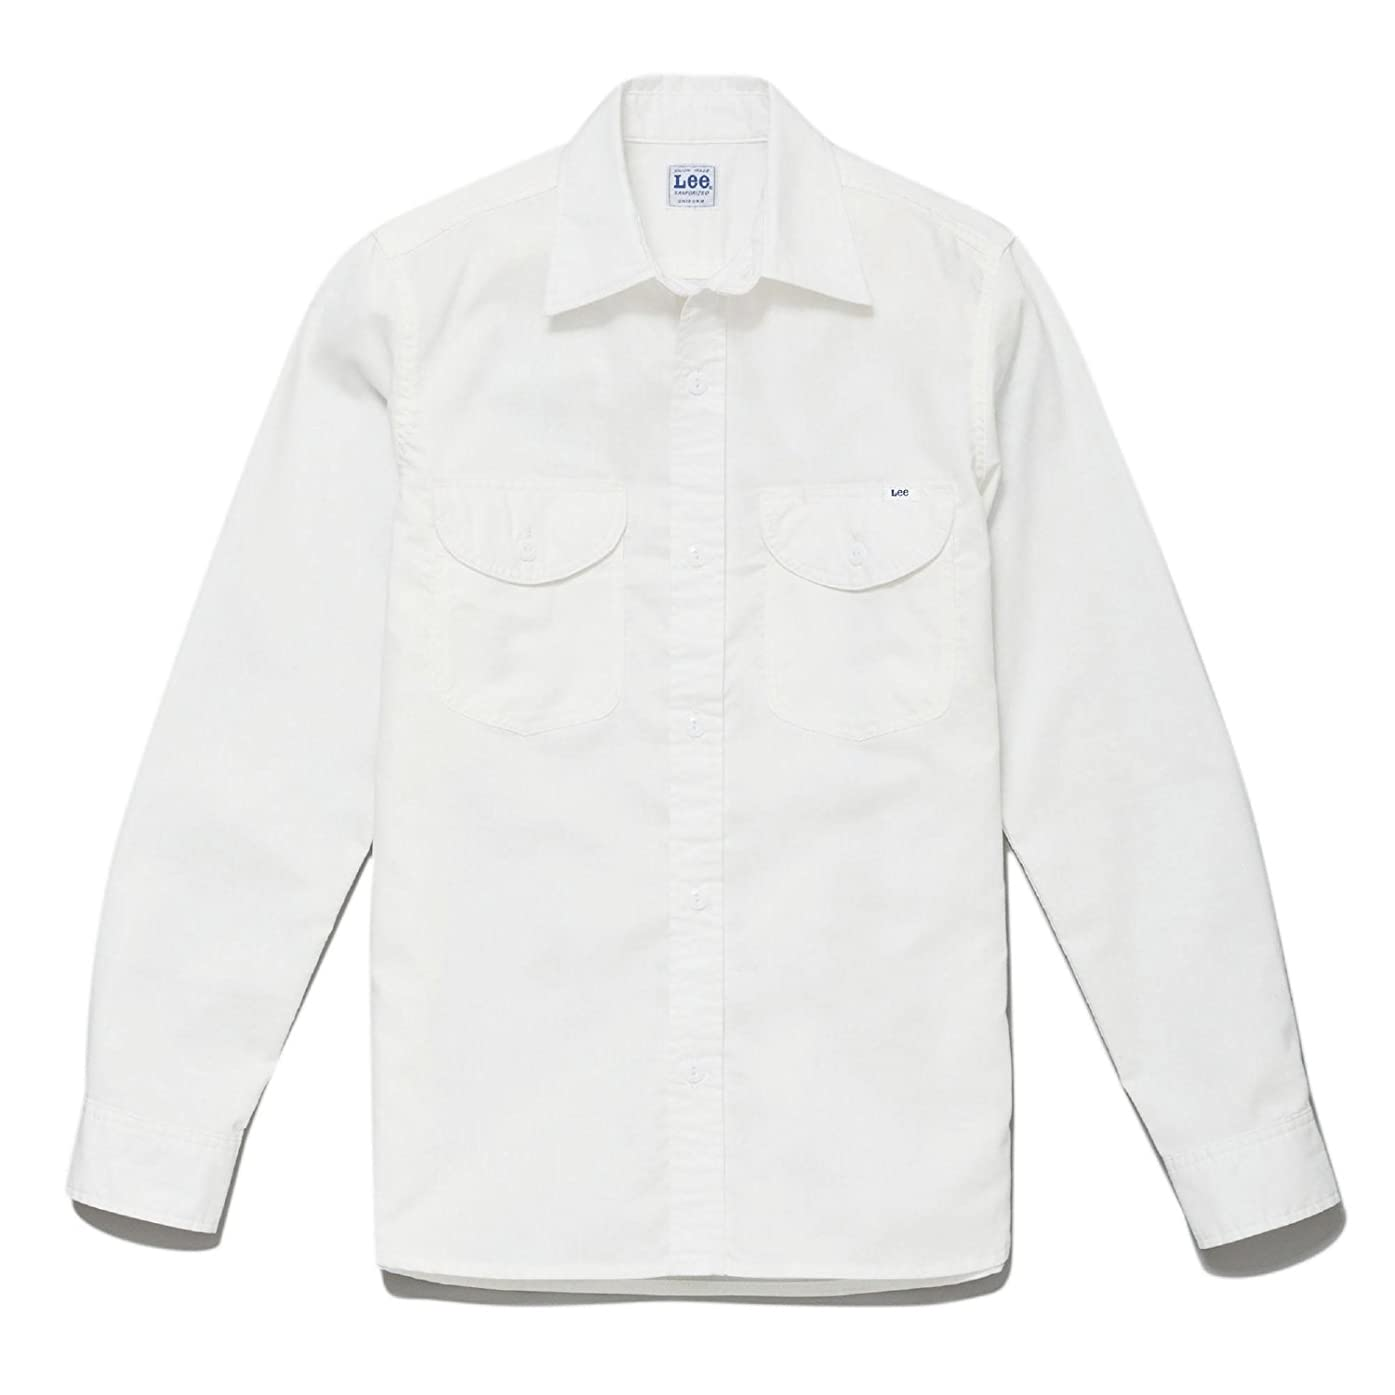 ベル表向き維持(リー) Lee メンズ シャンブレー長袖シャツ LCS46003 15 ホワイト XL